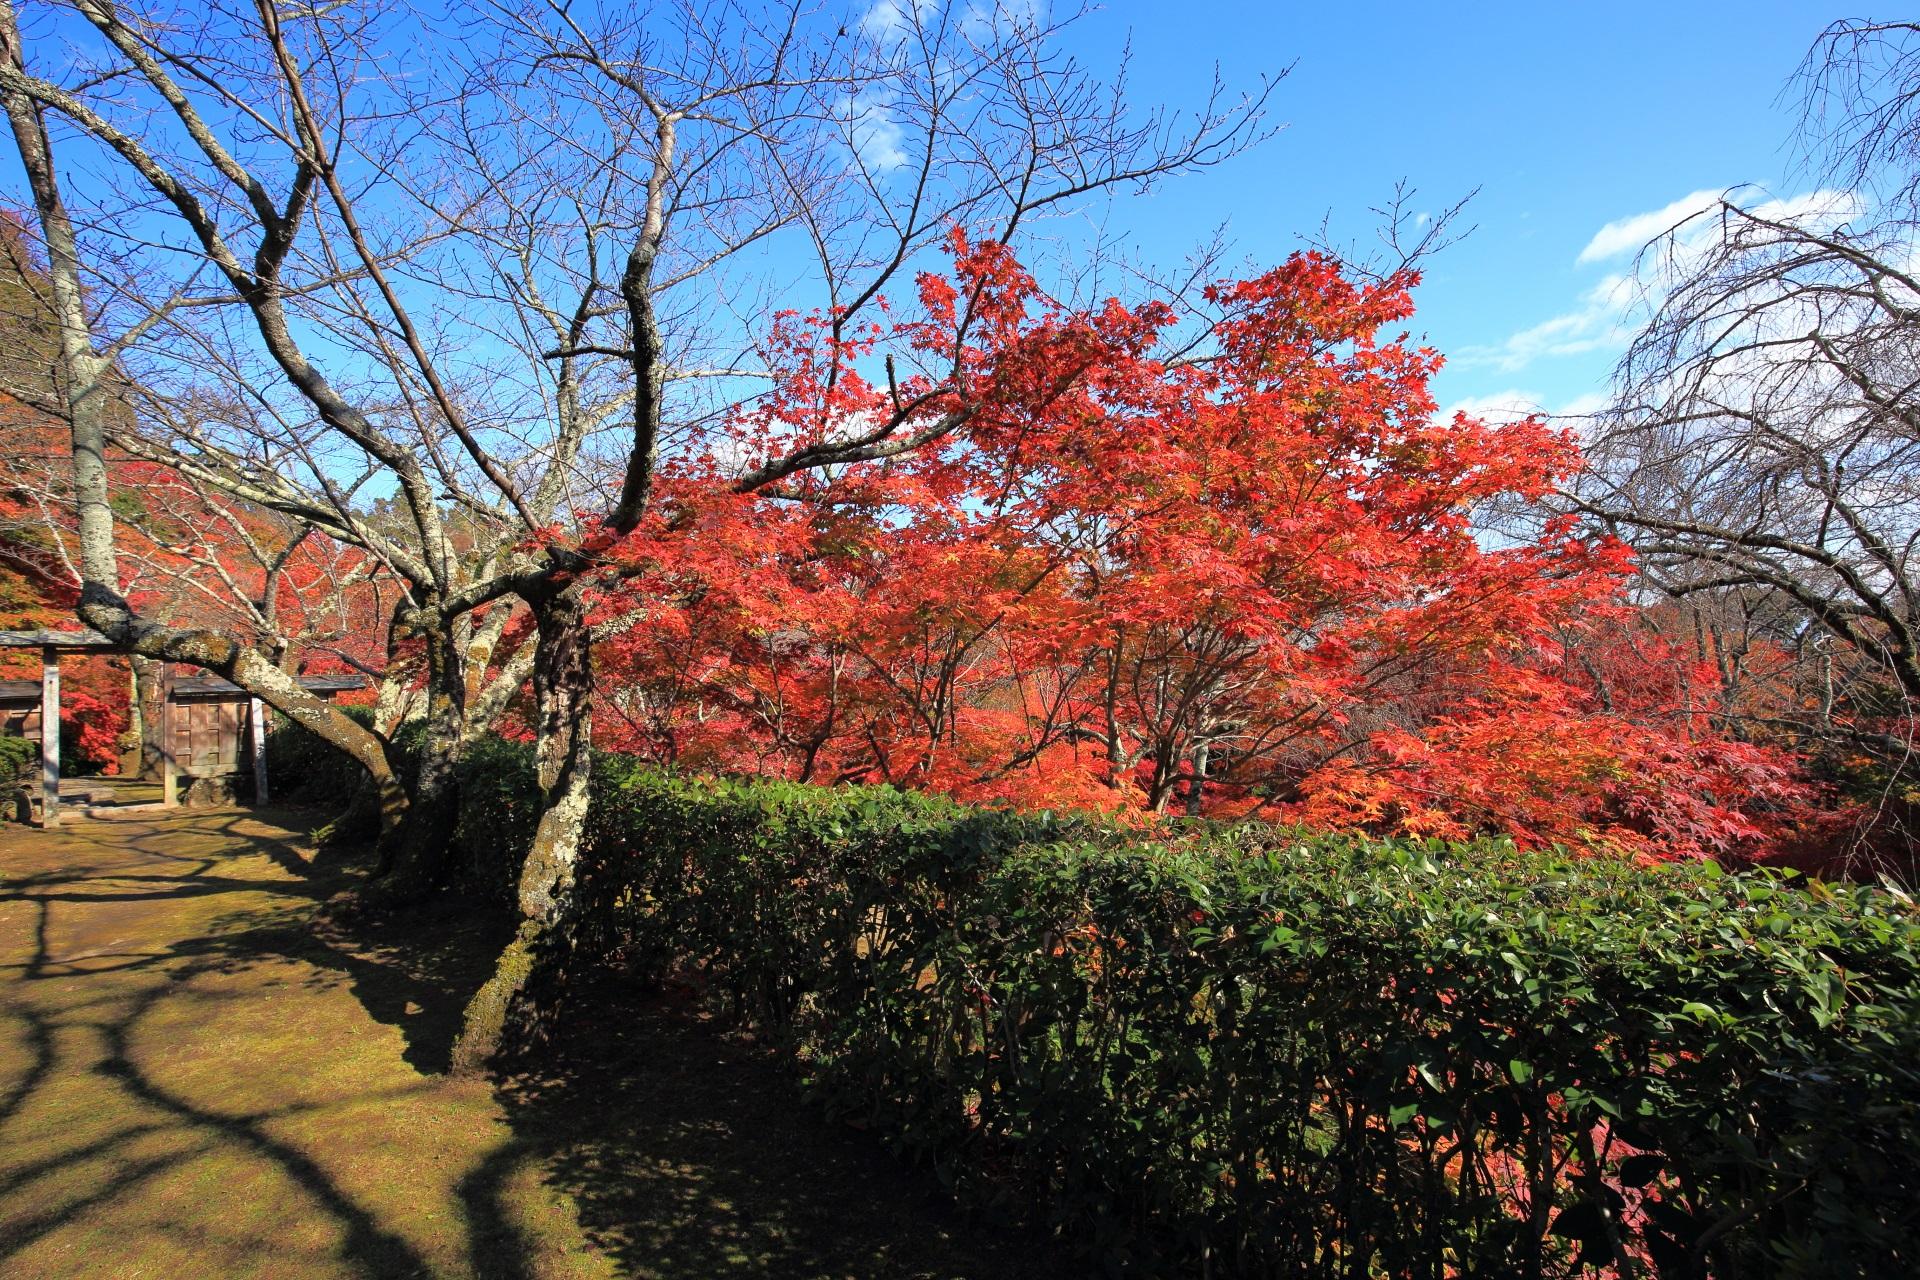 緑の生垣から溢れ出す鮮やかな紅葉